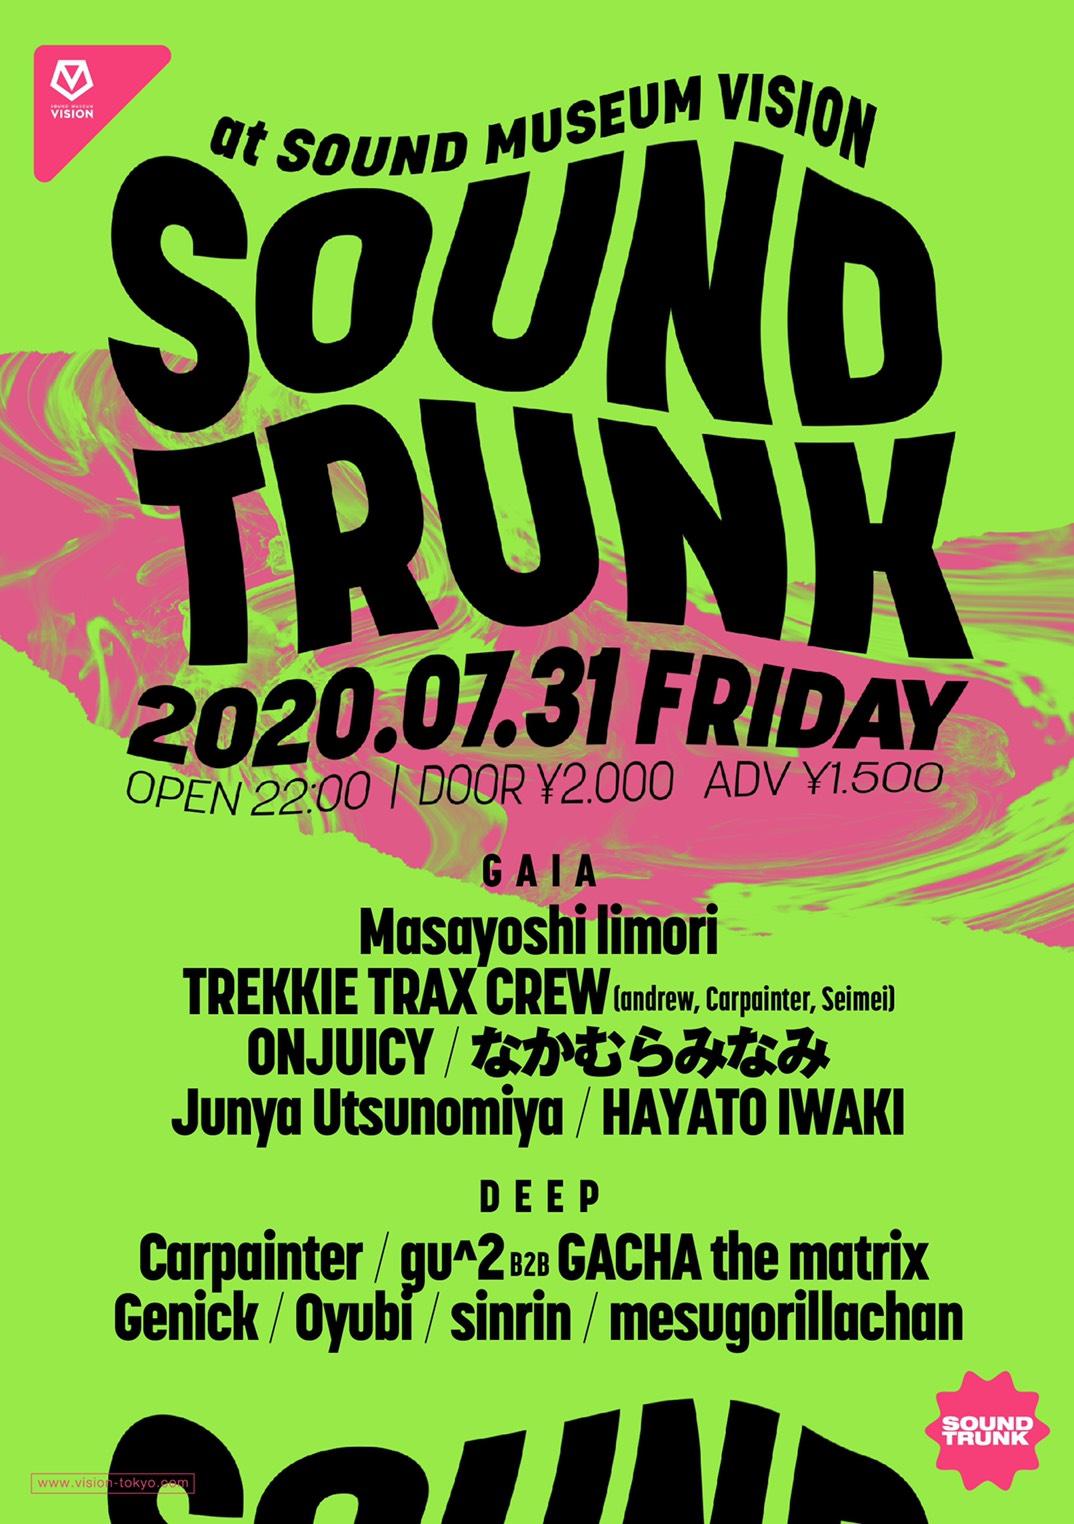 SOUND TRUNK